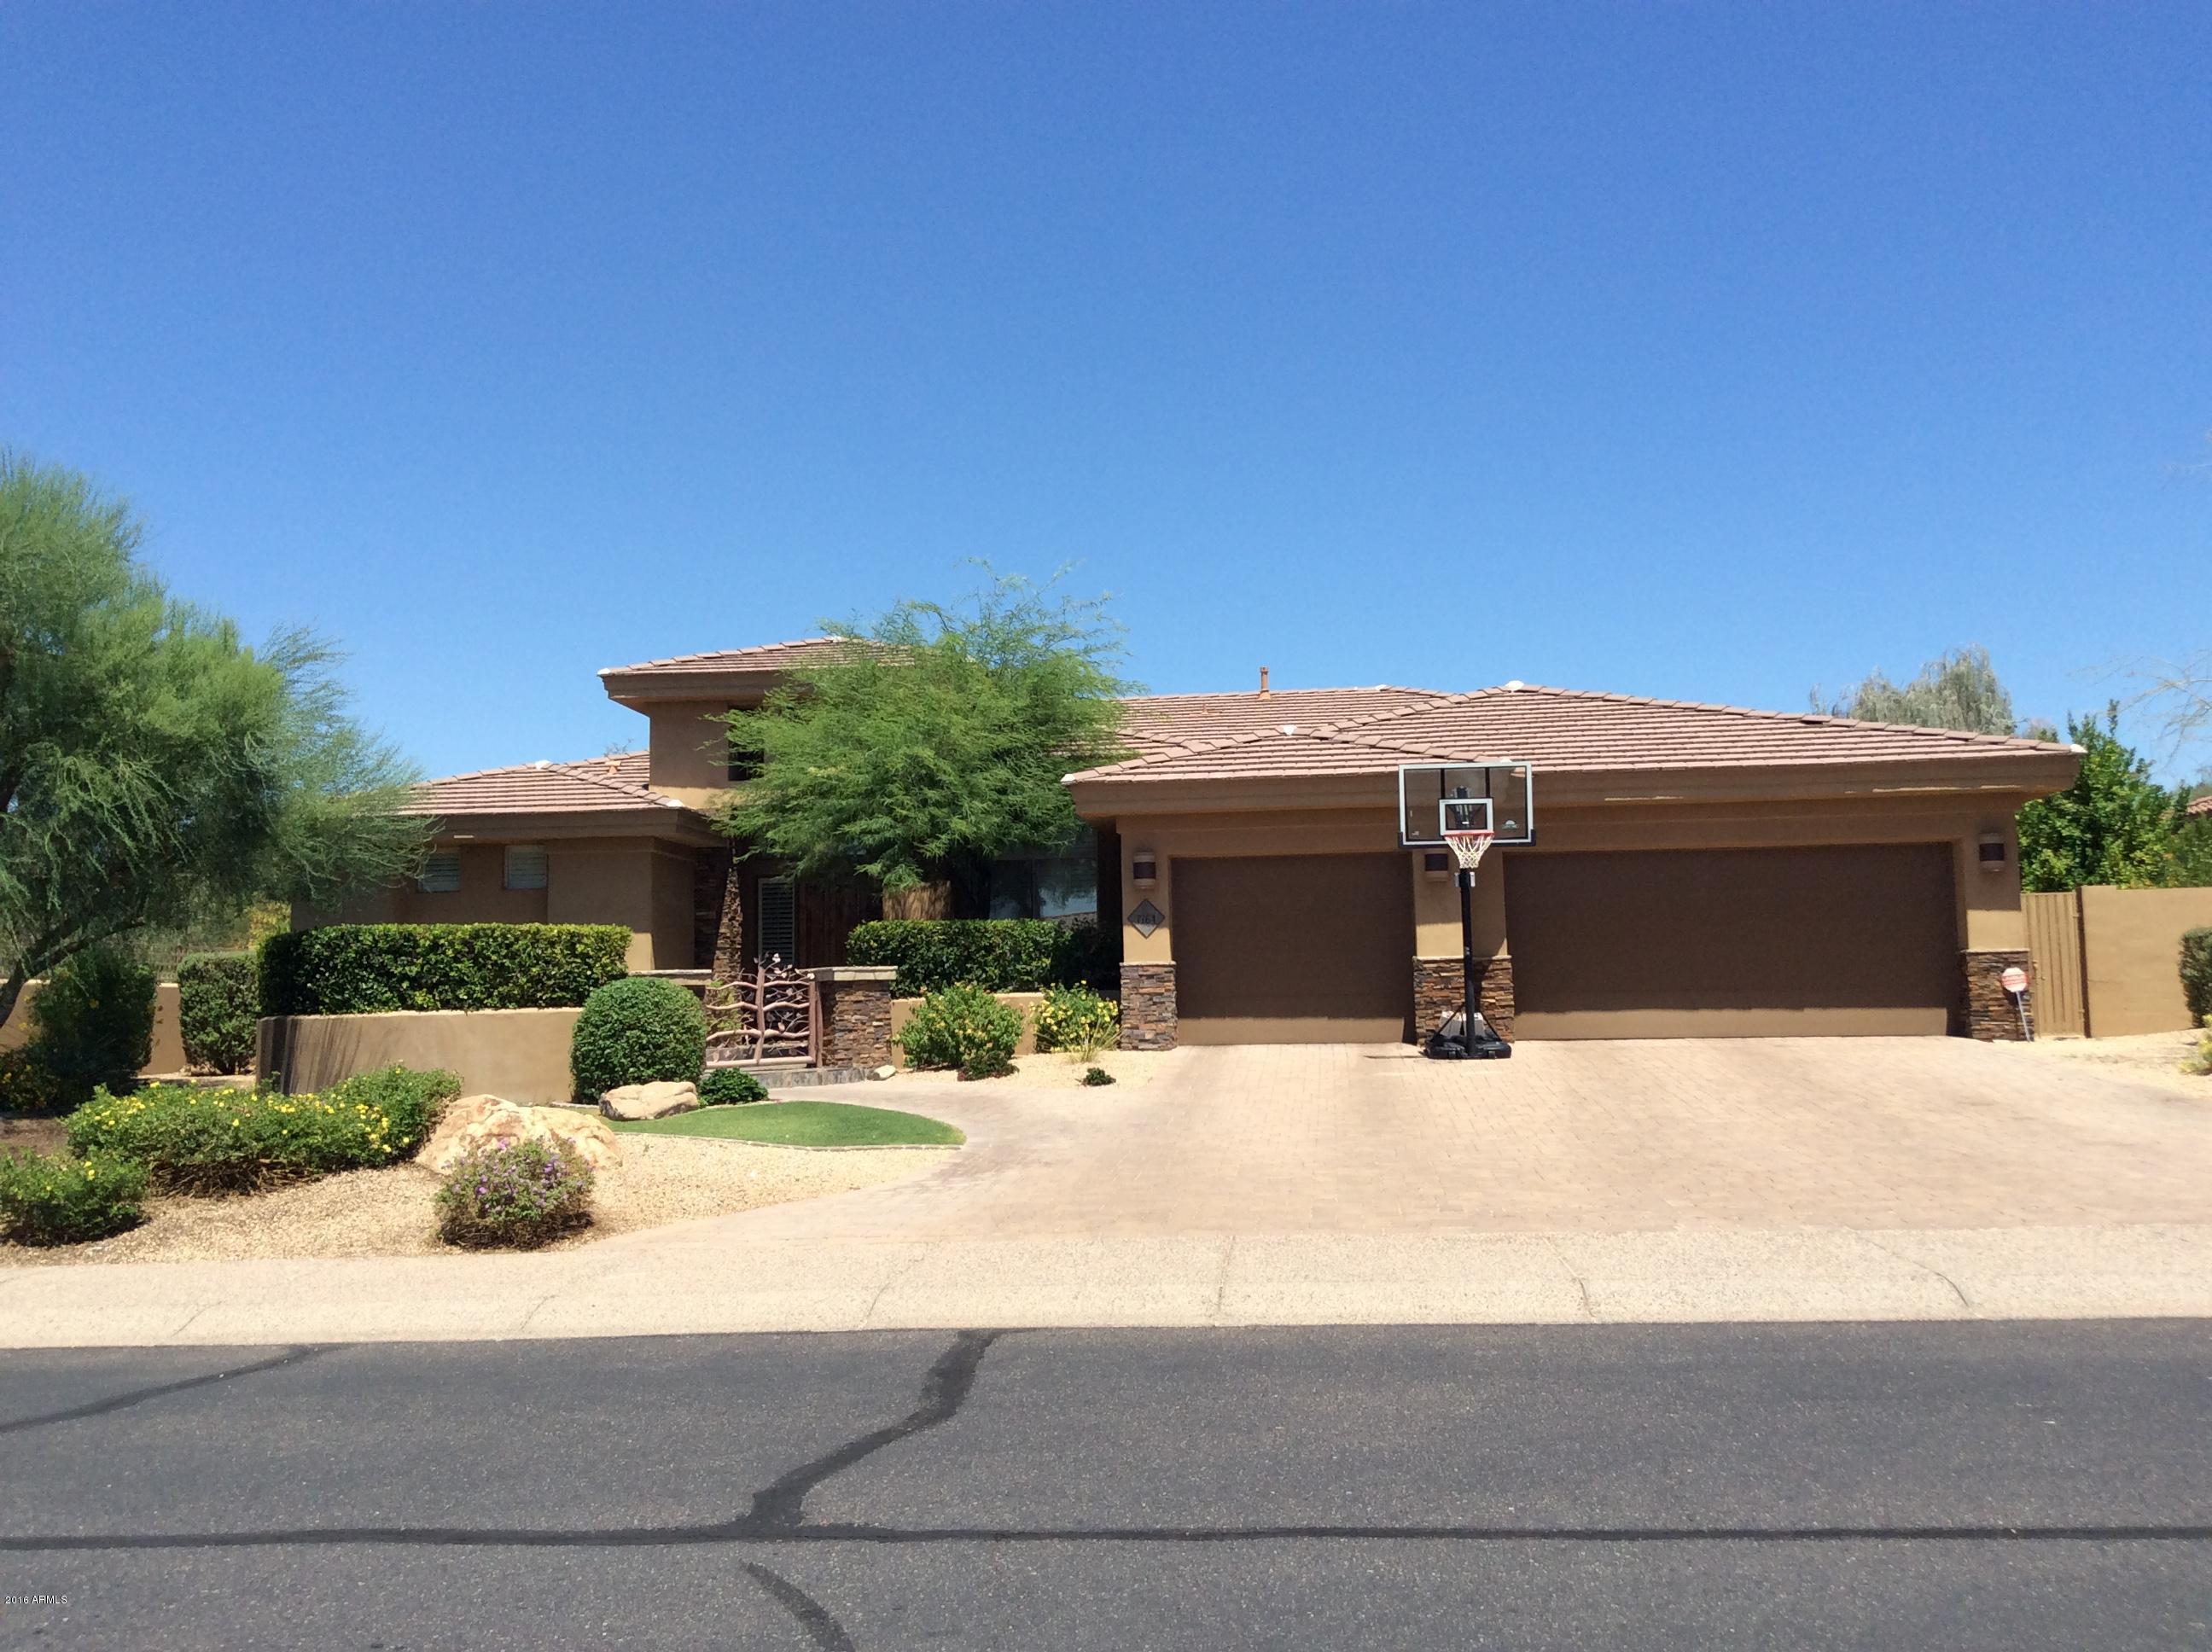 7764 E OVERLOOK Drive, Scottsdale AZ 85255